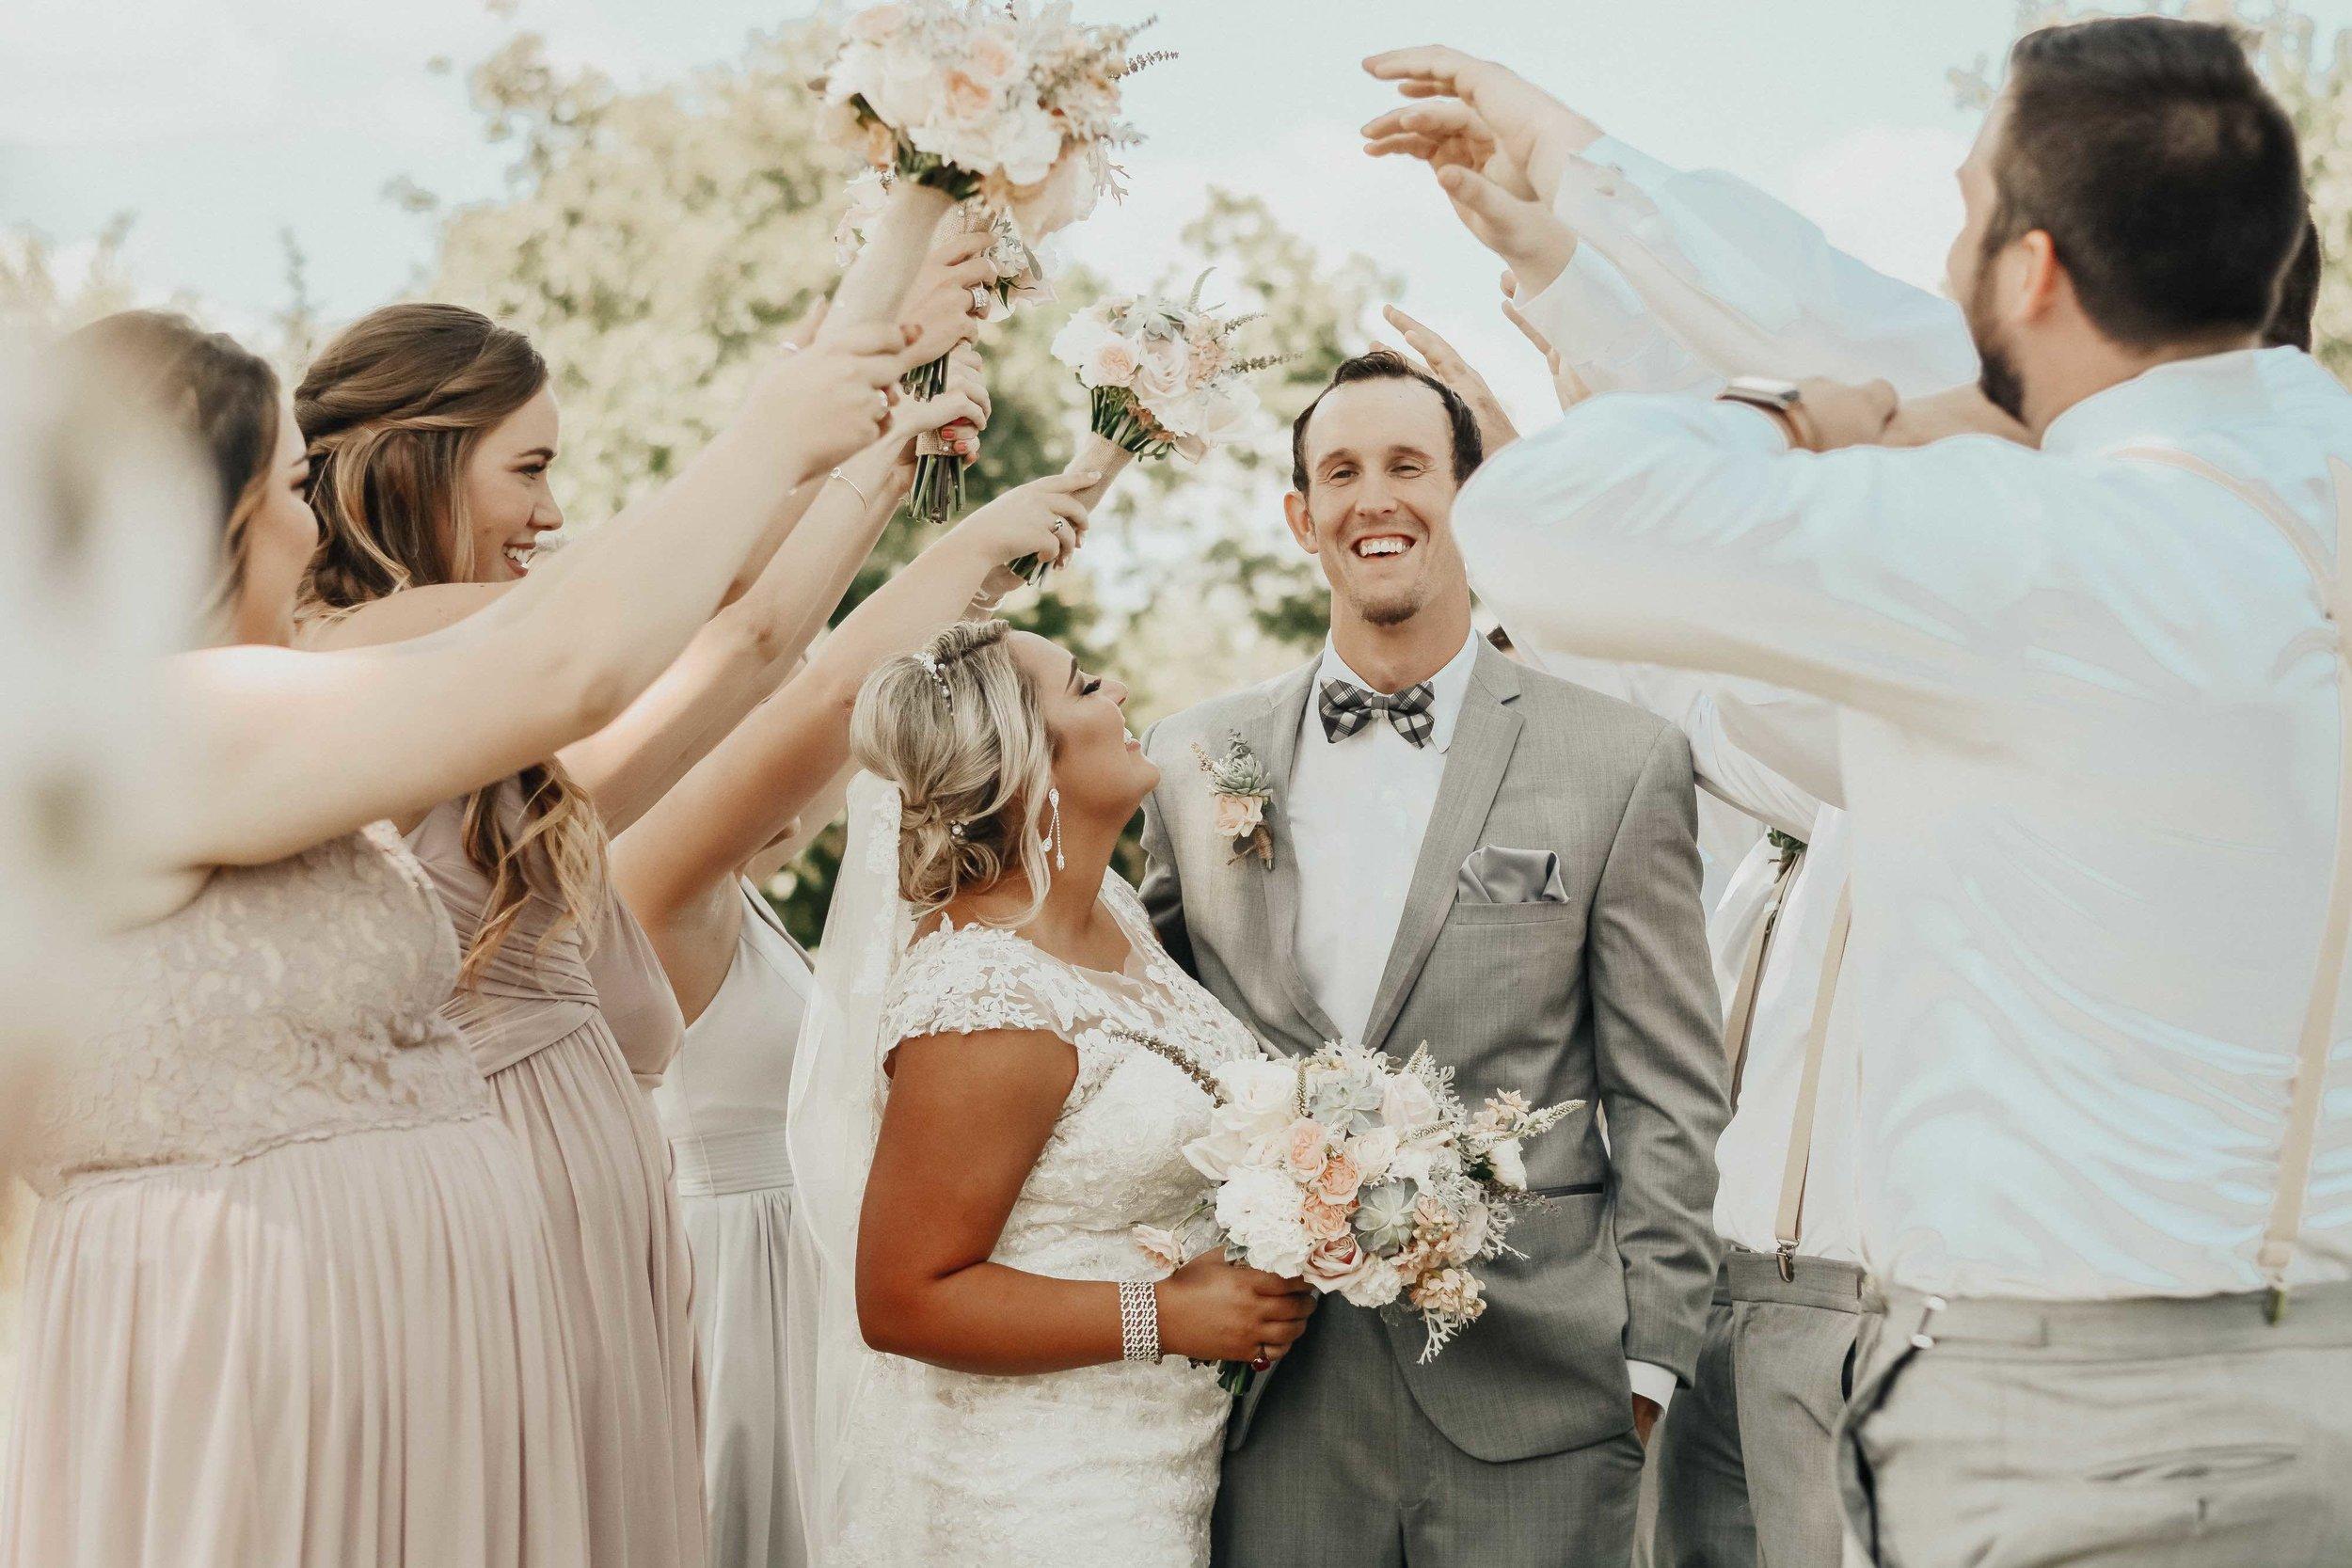 griffin wedding-griffin wedding-0040.jpg